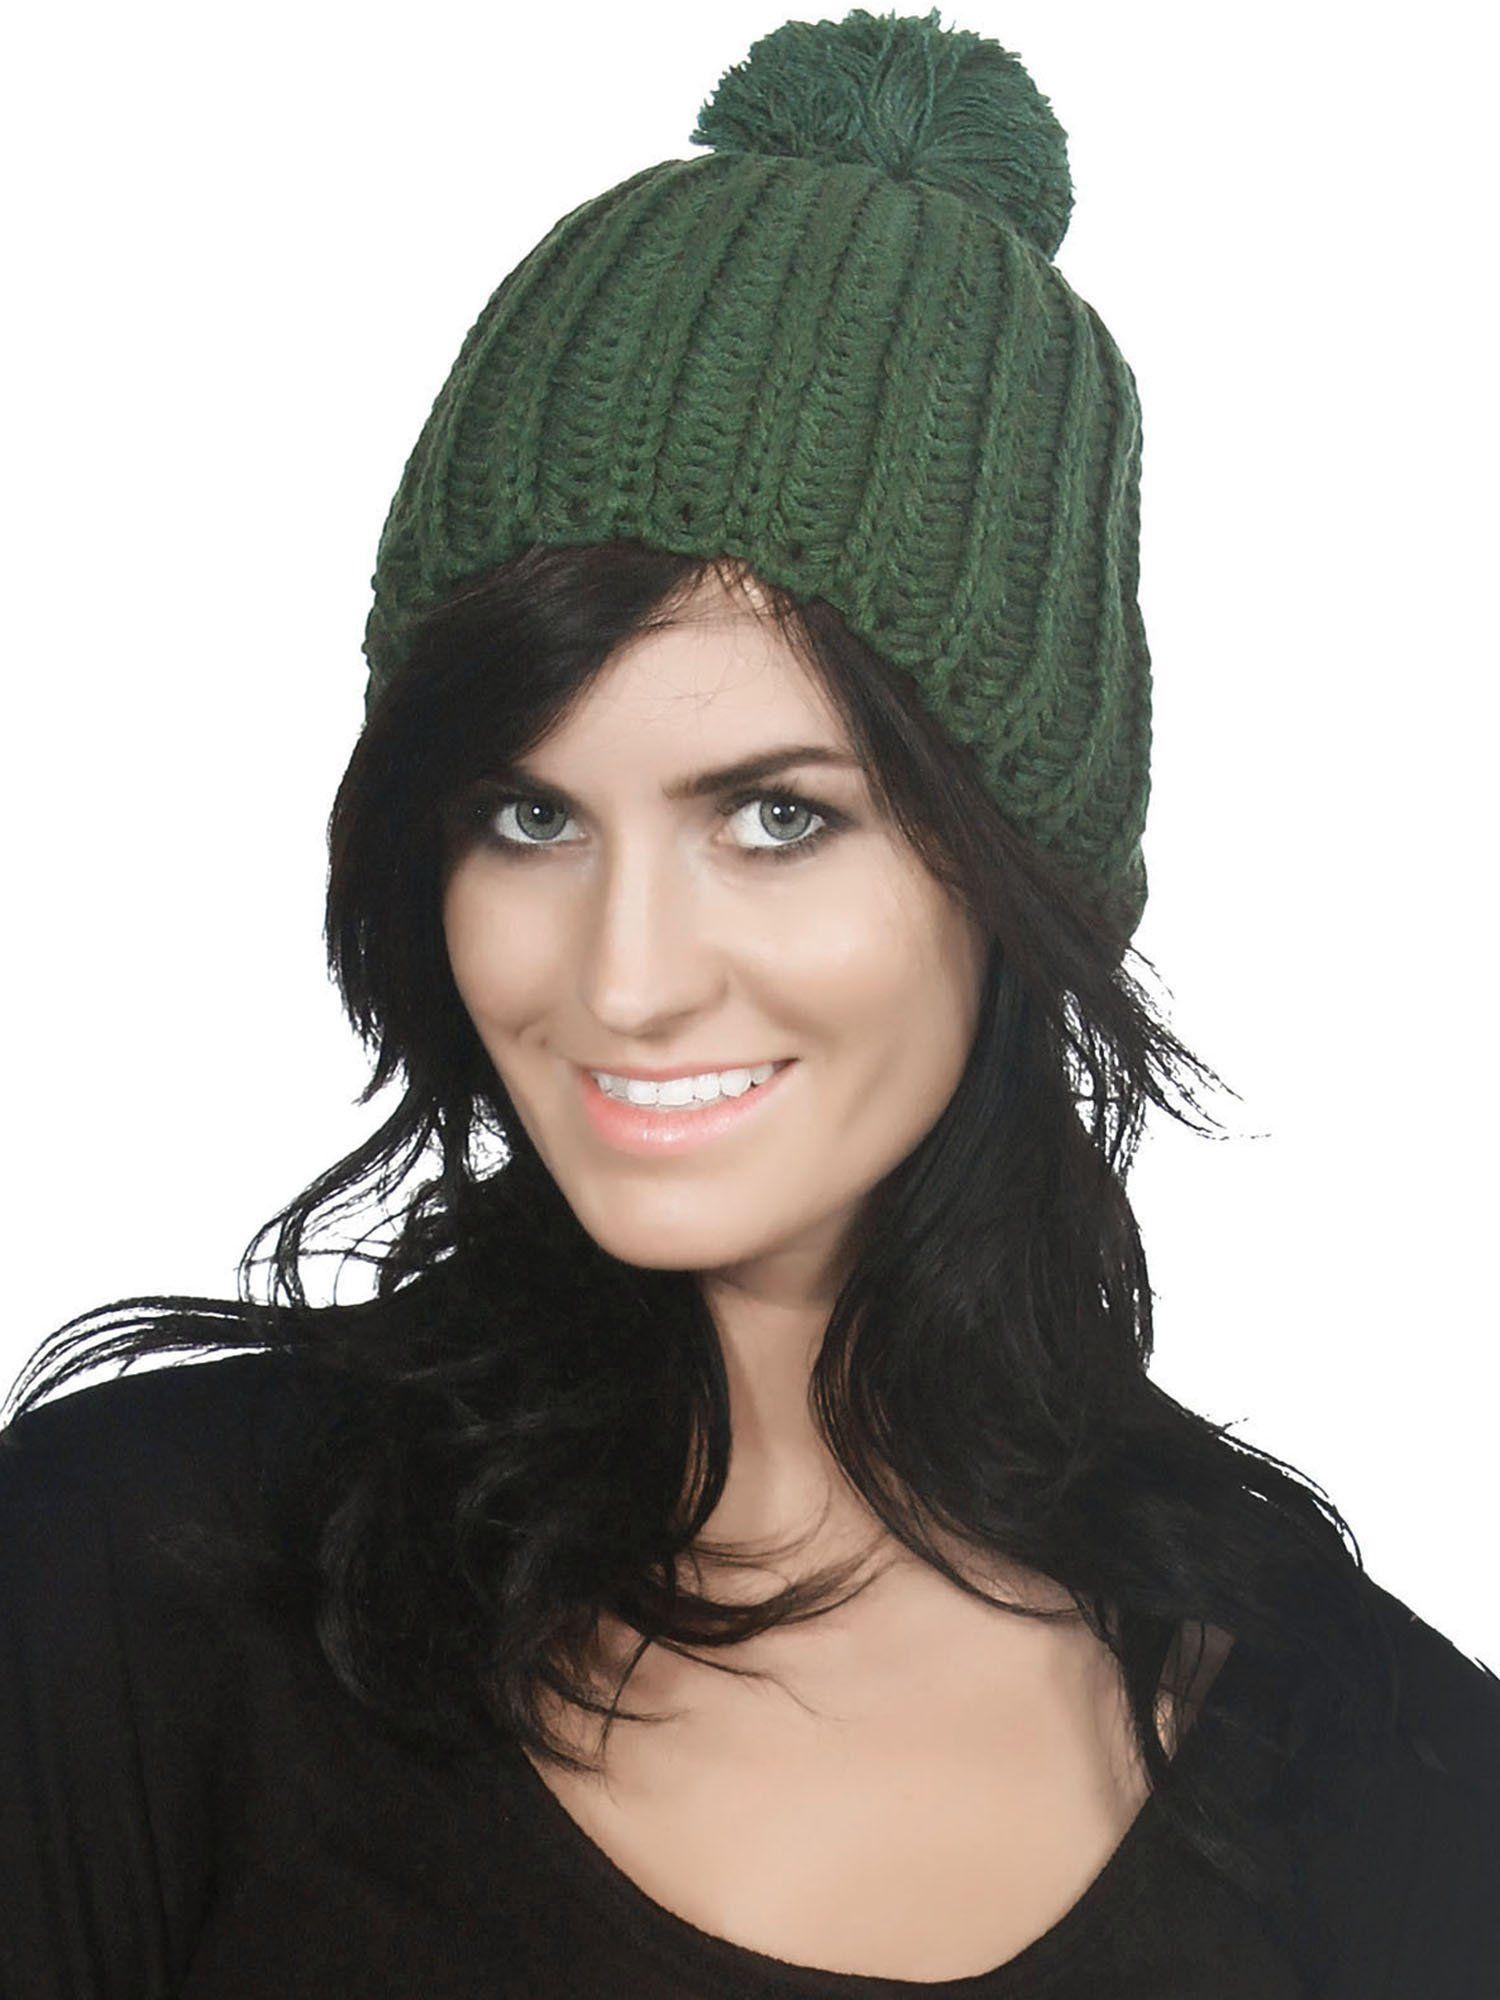 b318b8bf738 Women s Thick Knit Slouchy Pom Pom Beanie Winter Ski Hat